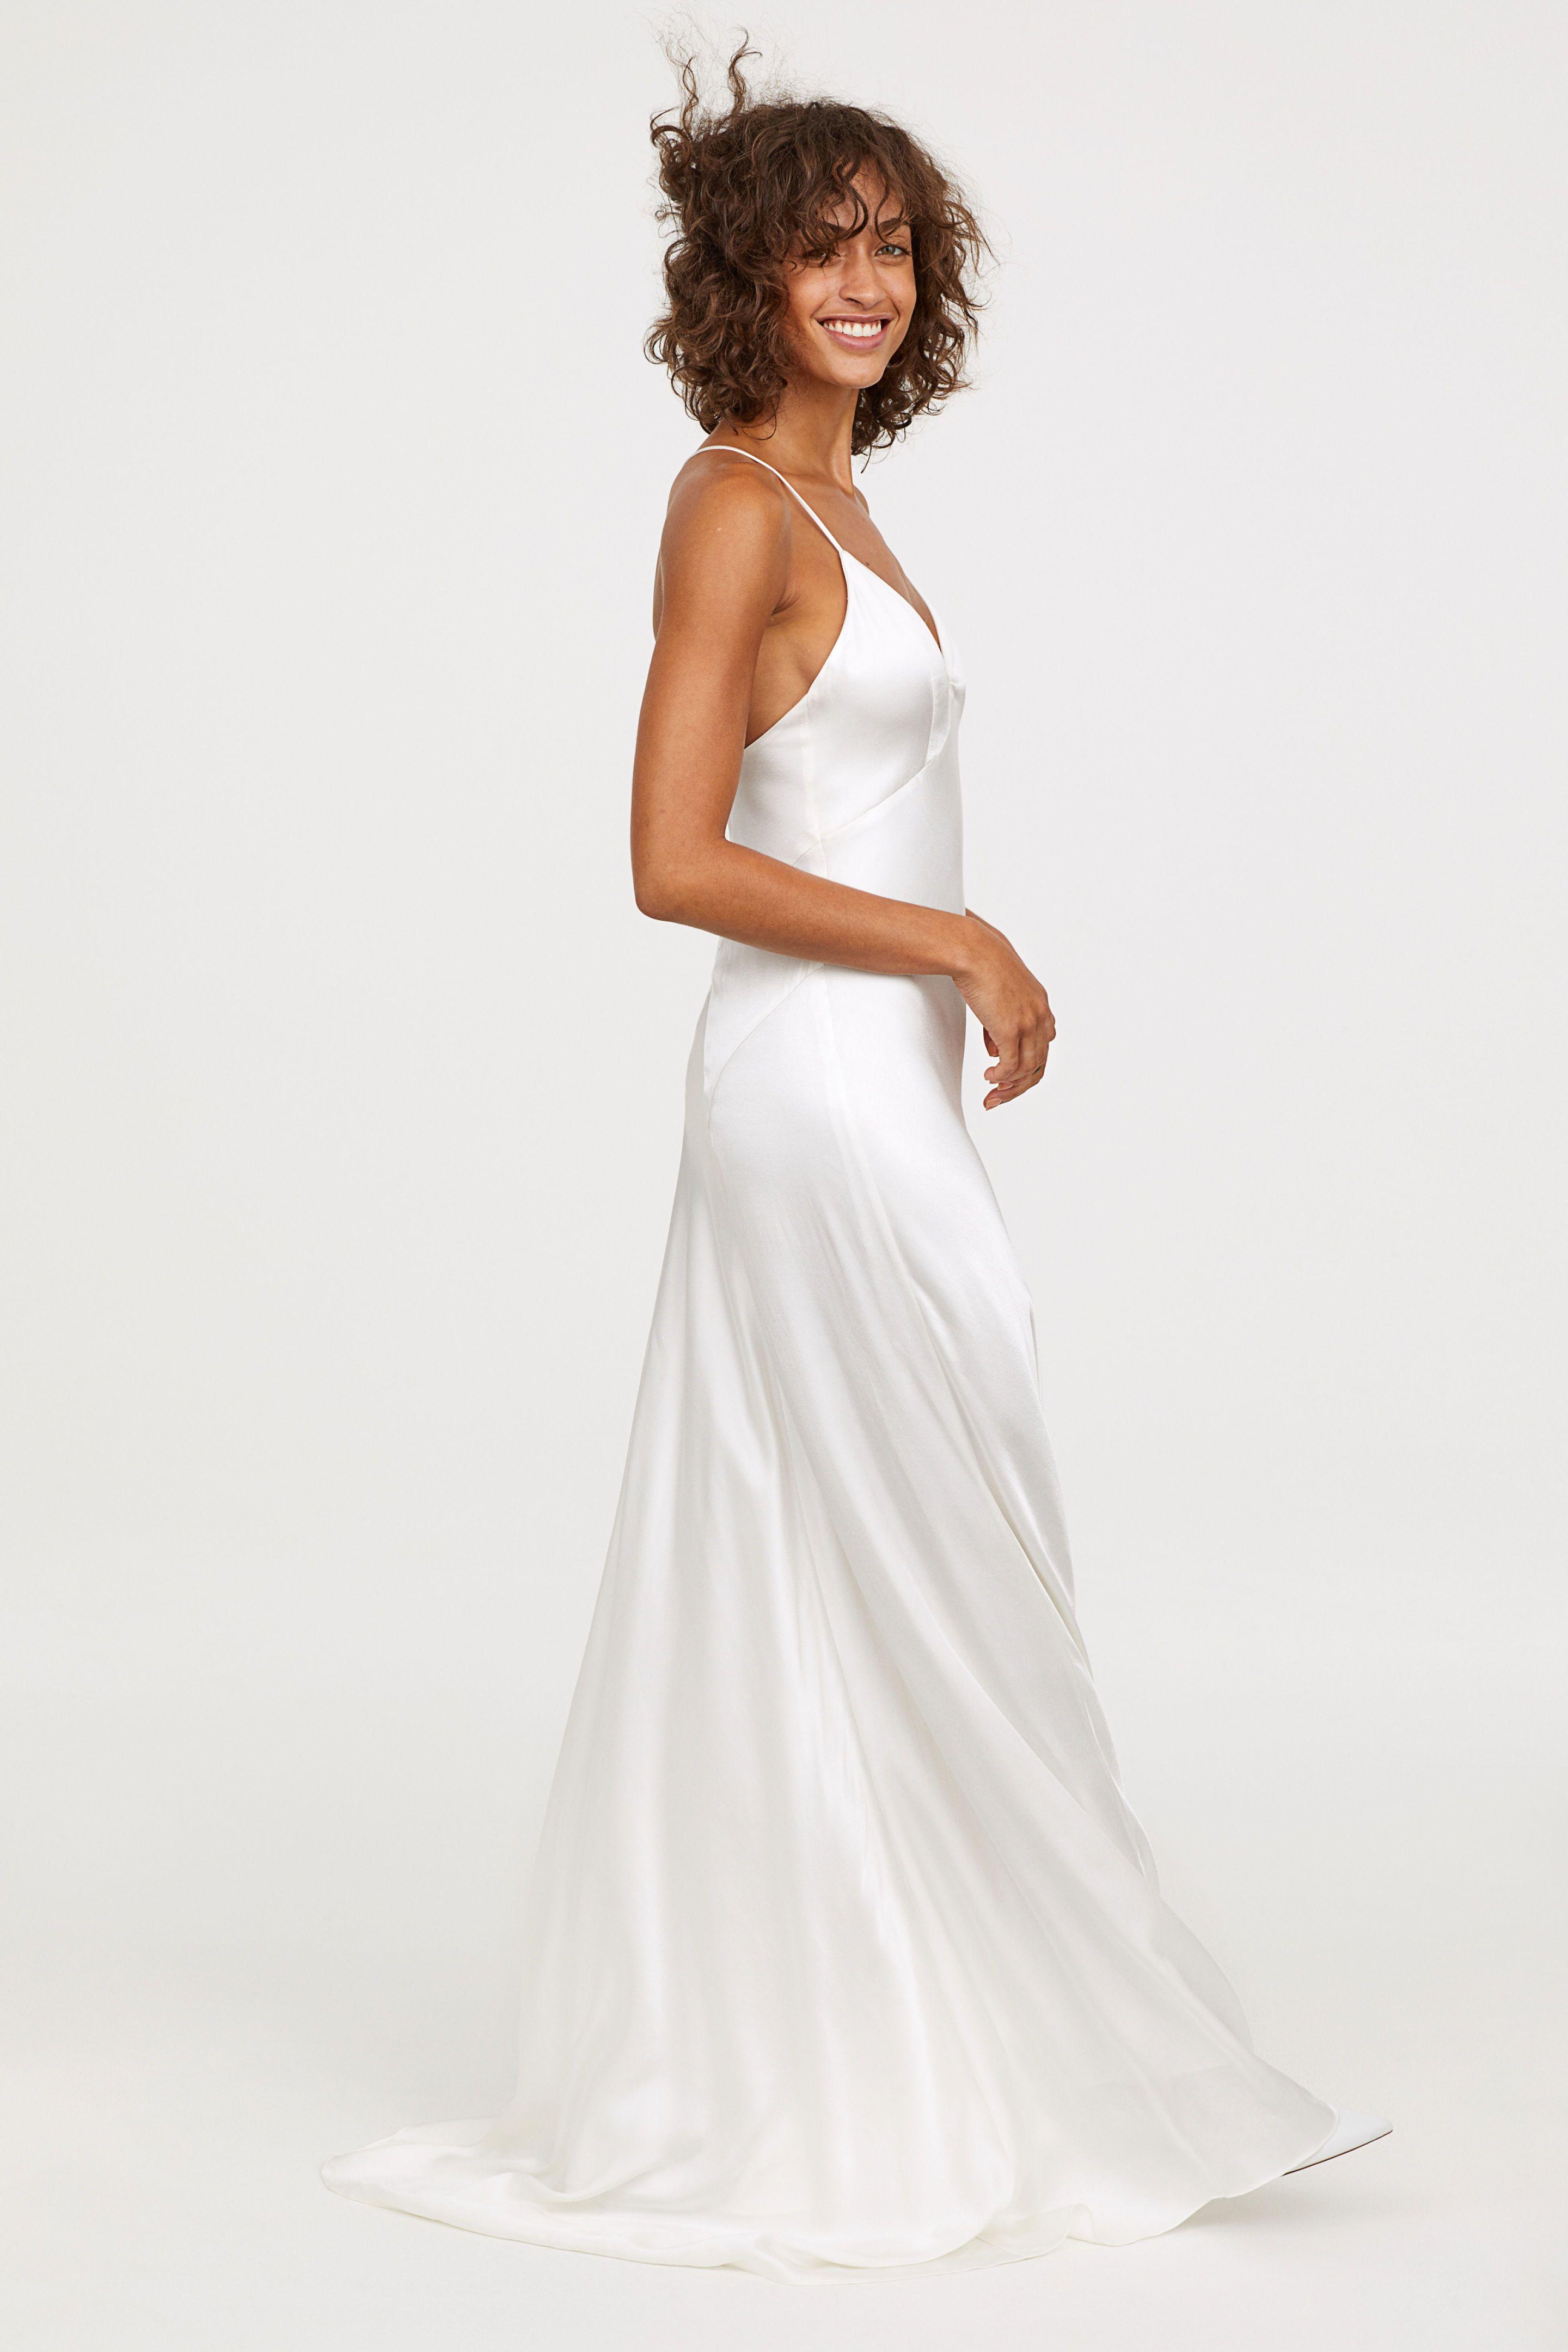 ef1eaadeb0 H M vende un nuevo vestido de novia muy barato y de estilo lencero